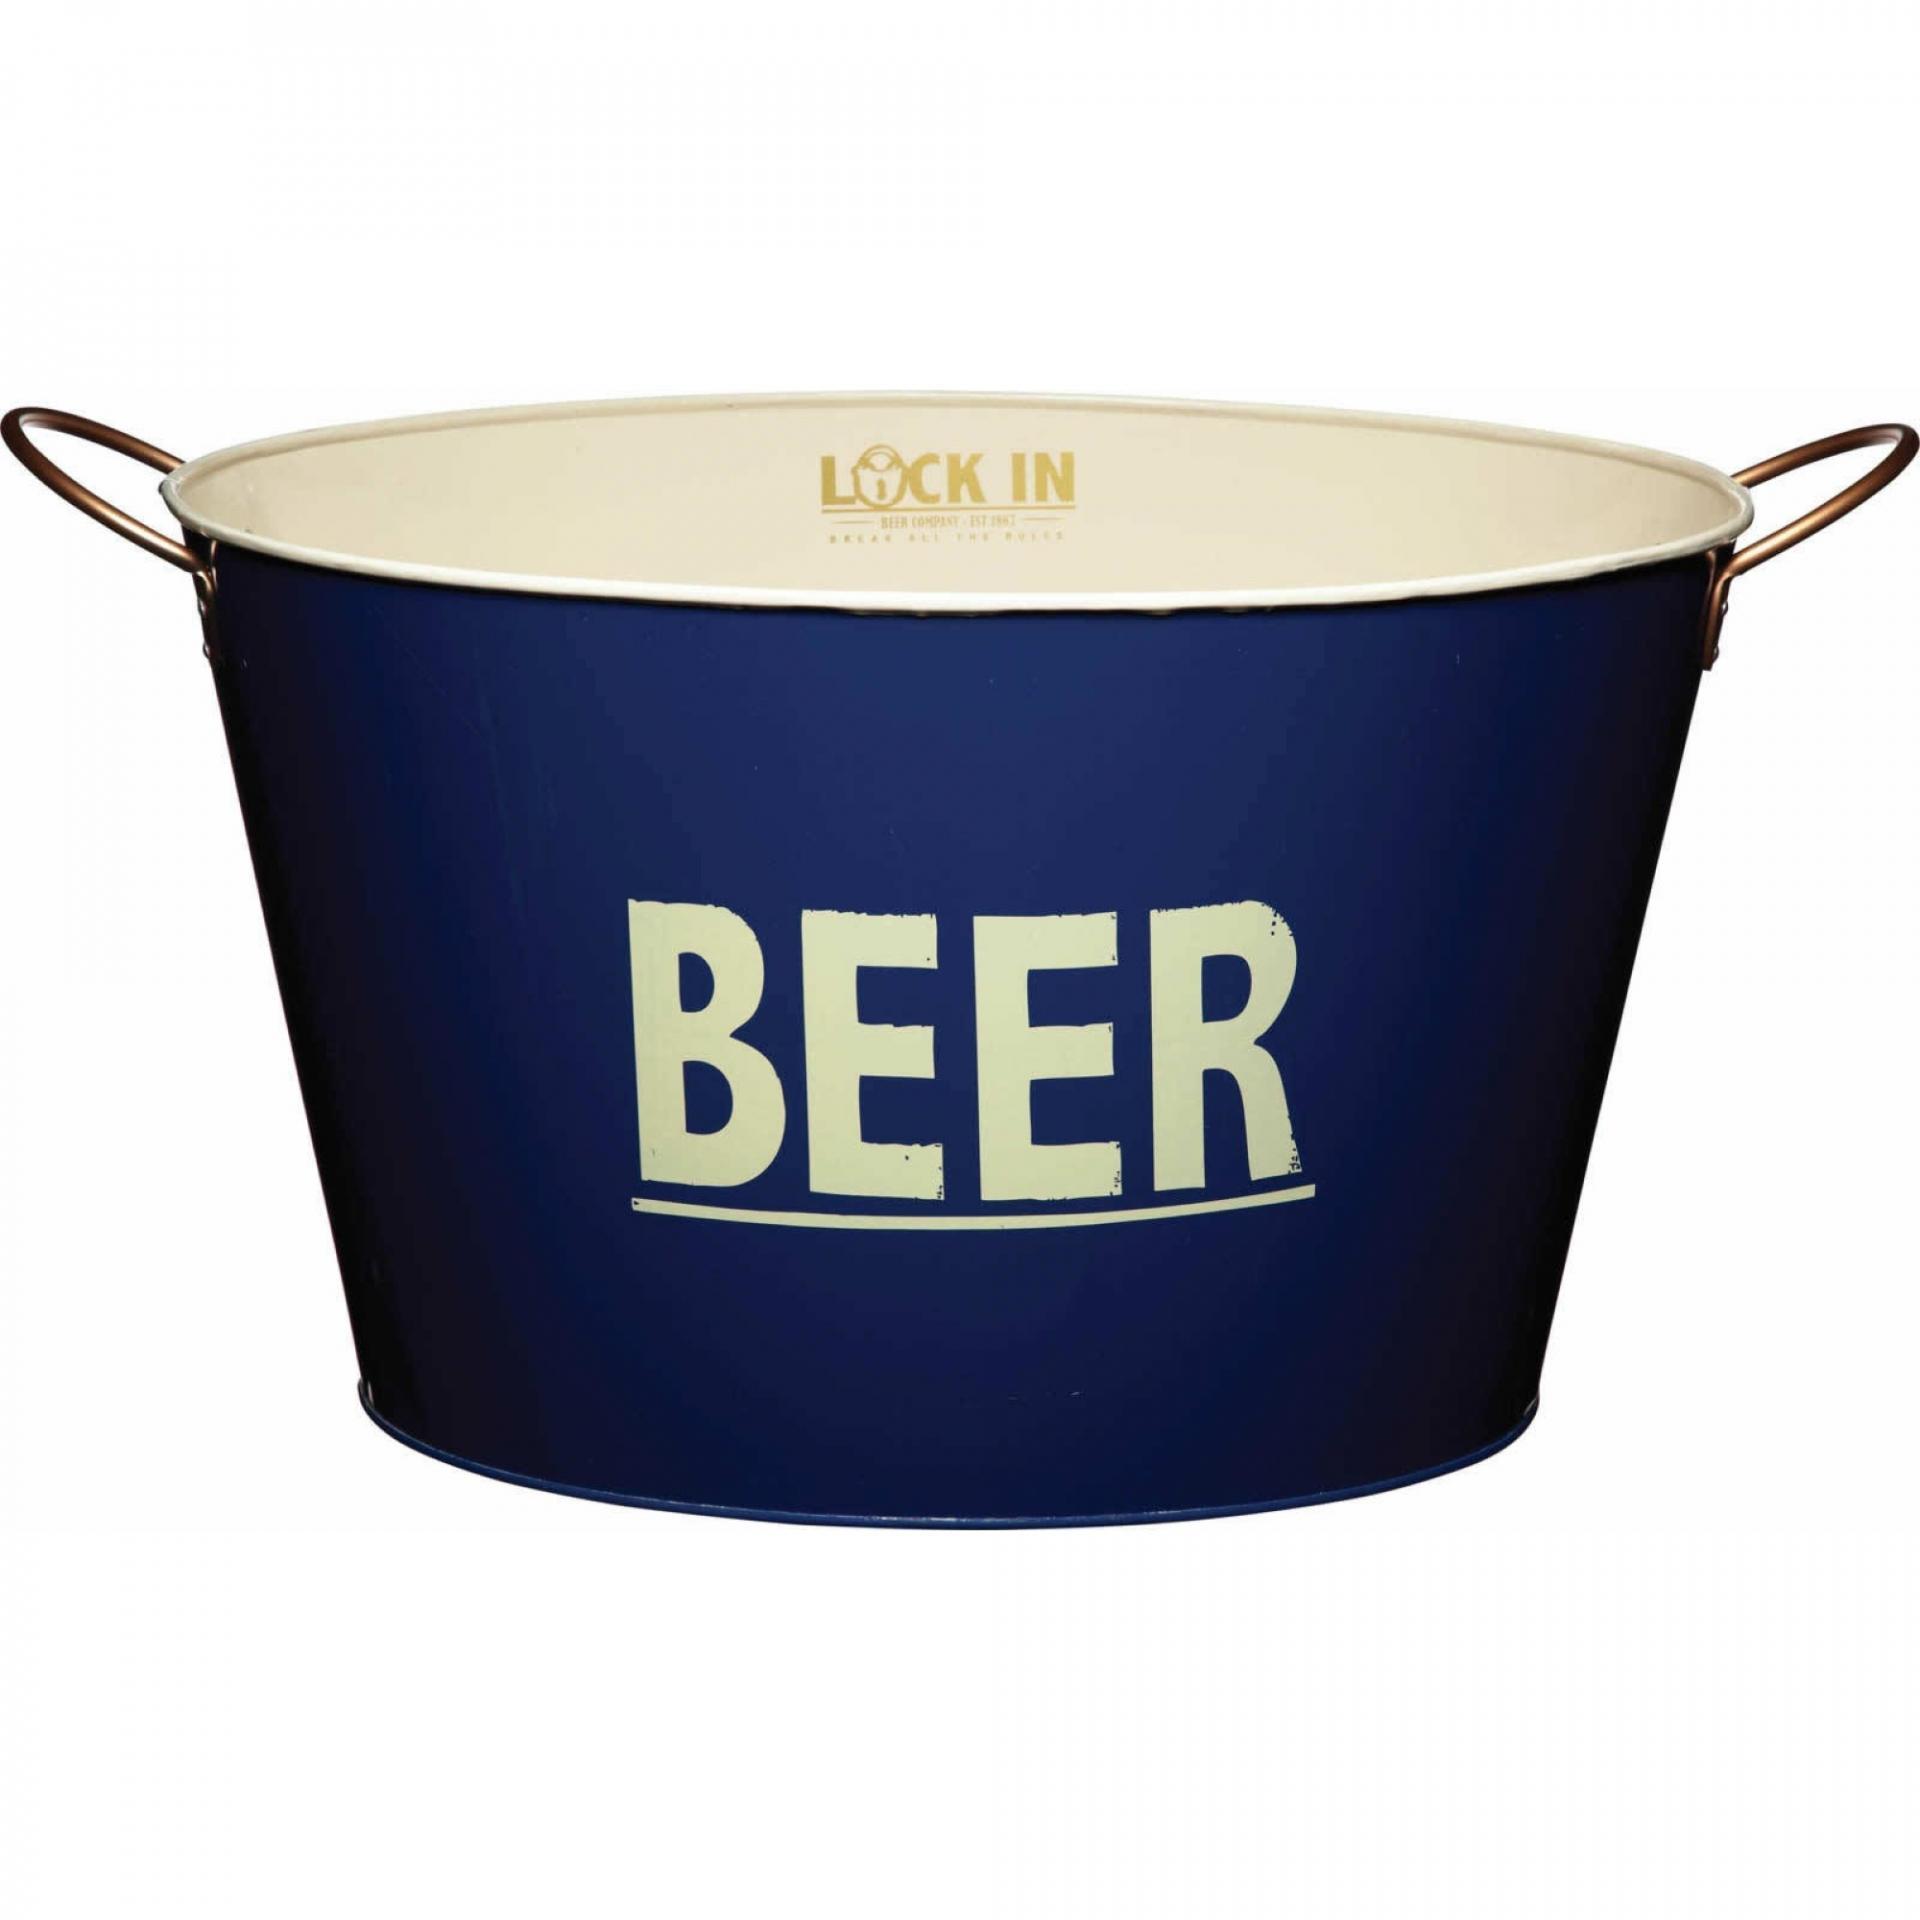 Kitchen Craft Kyblík na chlazení piva, modrá barva, kov